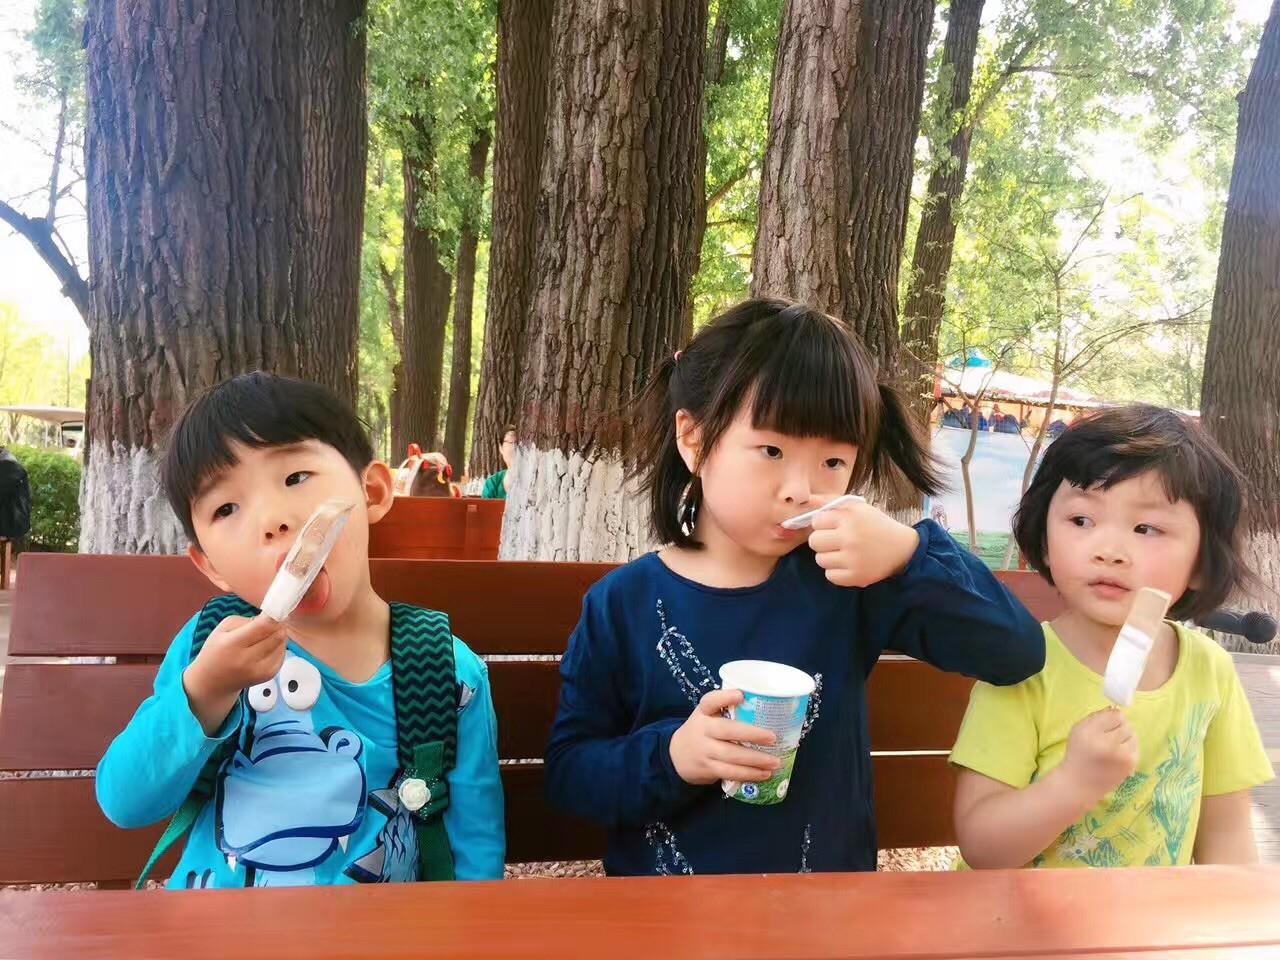 春暖花开 带着娃们大兴野生动物园走起 在北京里 这个动物园我感觉是最好的了 各方面建设的越来越规范化 有点努力接近广州长隆的感觉 野生动物园我家宝贝其实已经来过好几次啦 这次是带着弟弟和妹妹一起来玩 (吻 周六30度的高温 而且赶上有幼儿园春游 结果我们选择没坐小火车 因为排了太多人 排队估计要一个小时 再一个小时小火车时间 果断Pass掉 直接奔向笼车期间途径有猴子猩猩 狮子老虎区 还有一个动物表演场 笼车现在先是途径黑熊 然后有爱吃胡萝卜的羚羊 鹿 鸵鸟等 孩子们喂的都特开心 下了笼车解决了午饭 简单